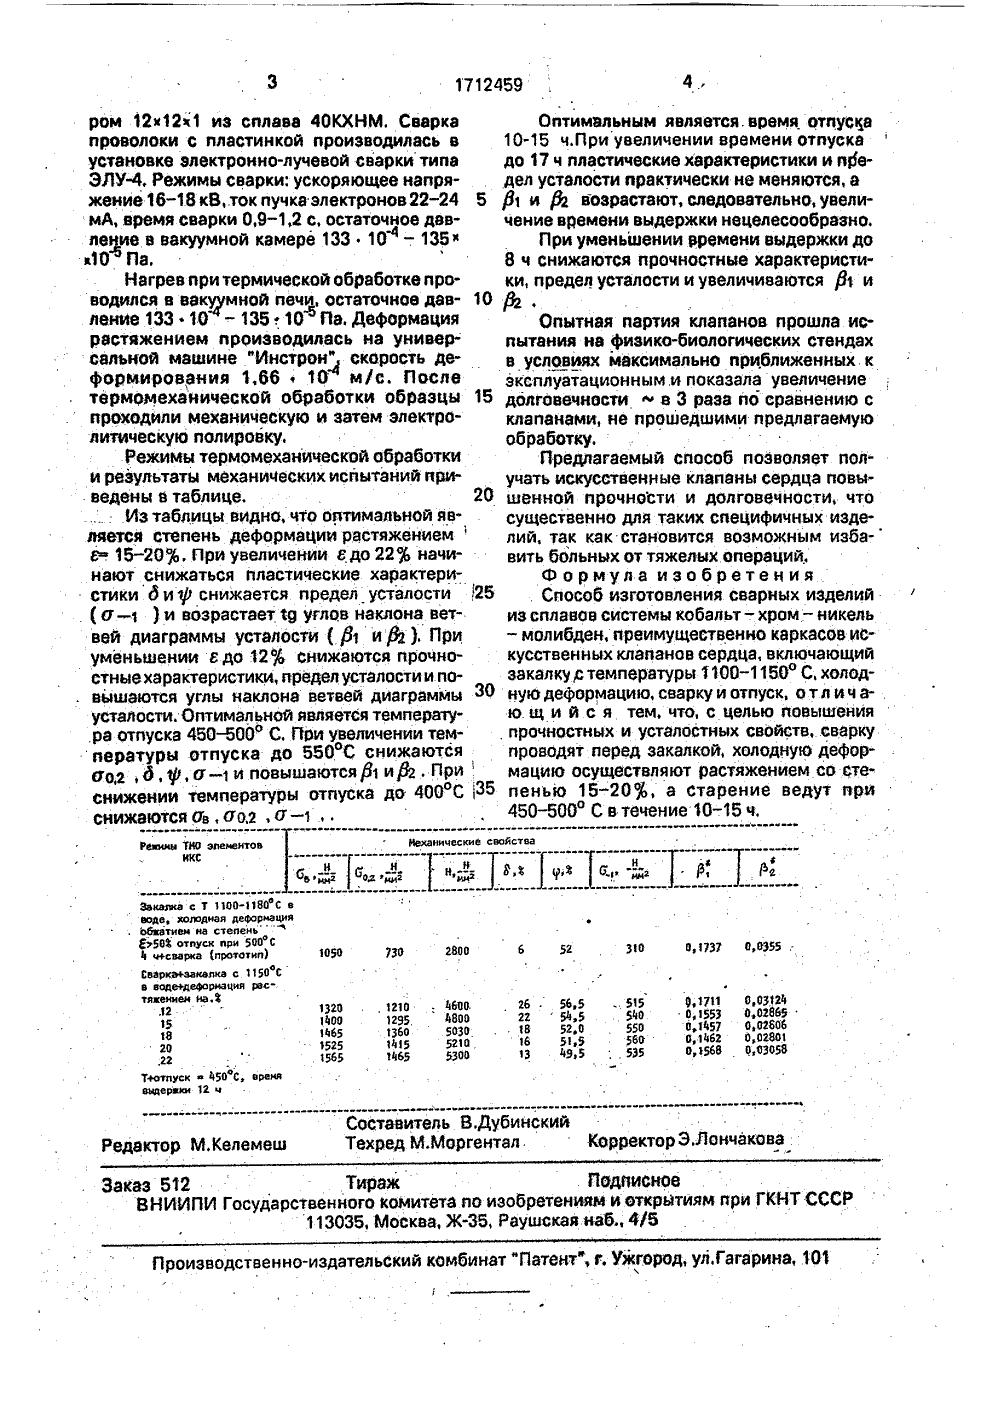 Спланхнокраниум